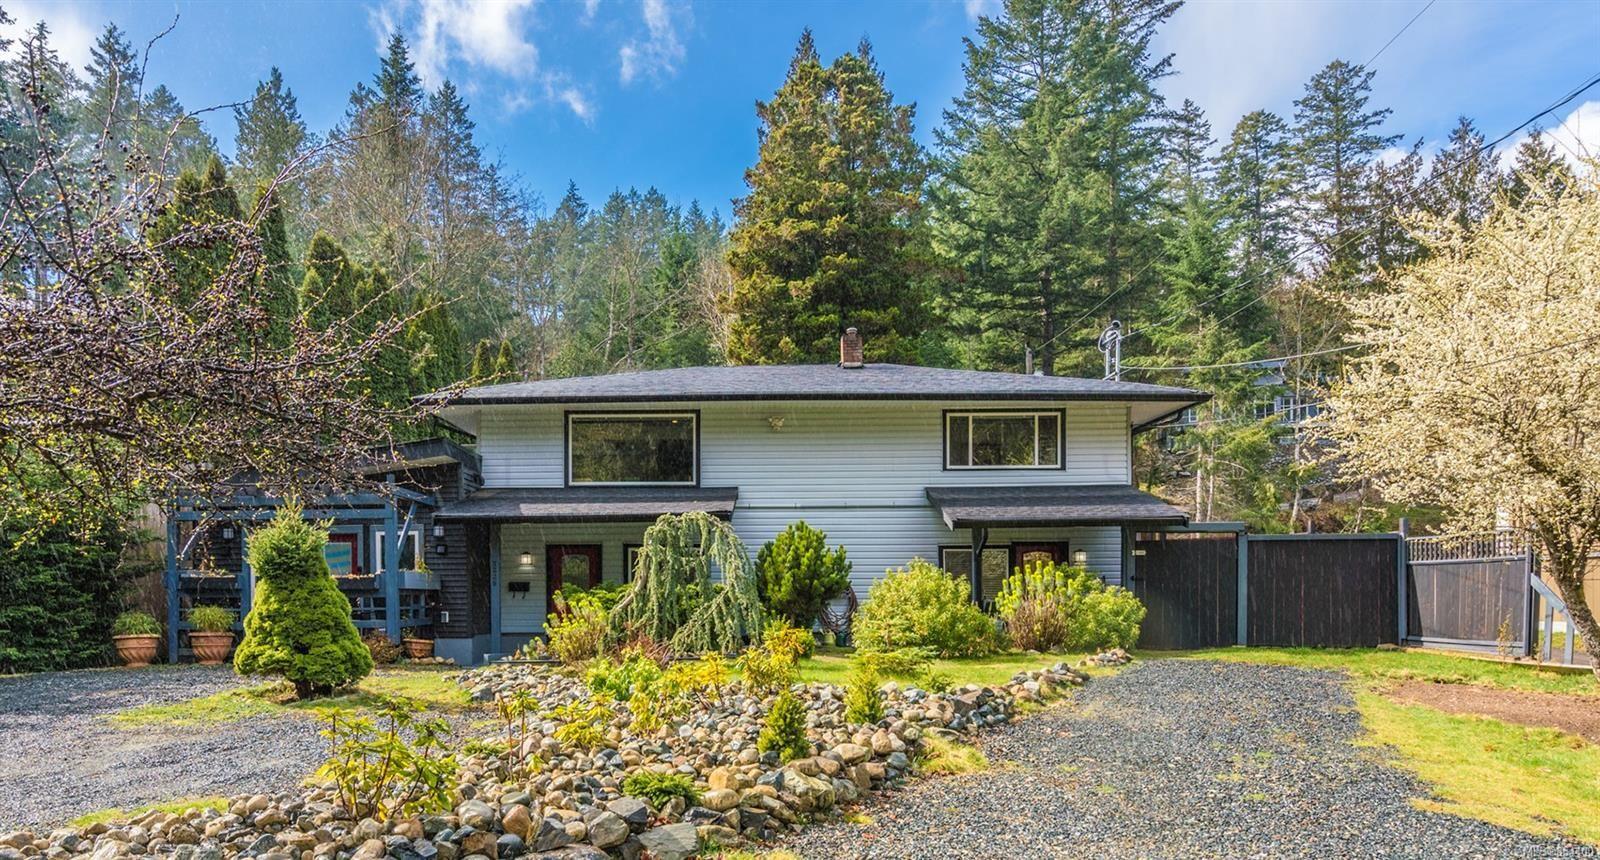 Main Photo: 3229 HAMMOND BAY Rd in : Na North Nanaimo House for sale (Nanaimo)  : MLS®# 864400